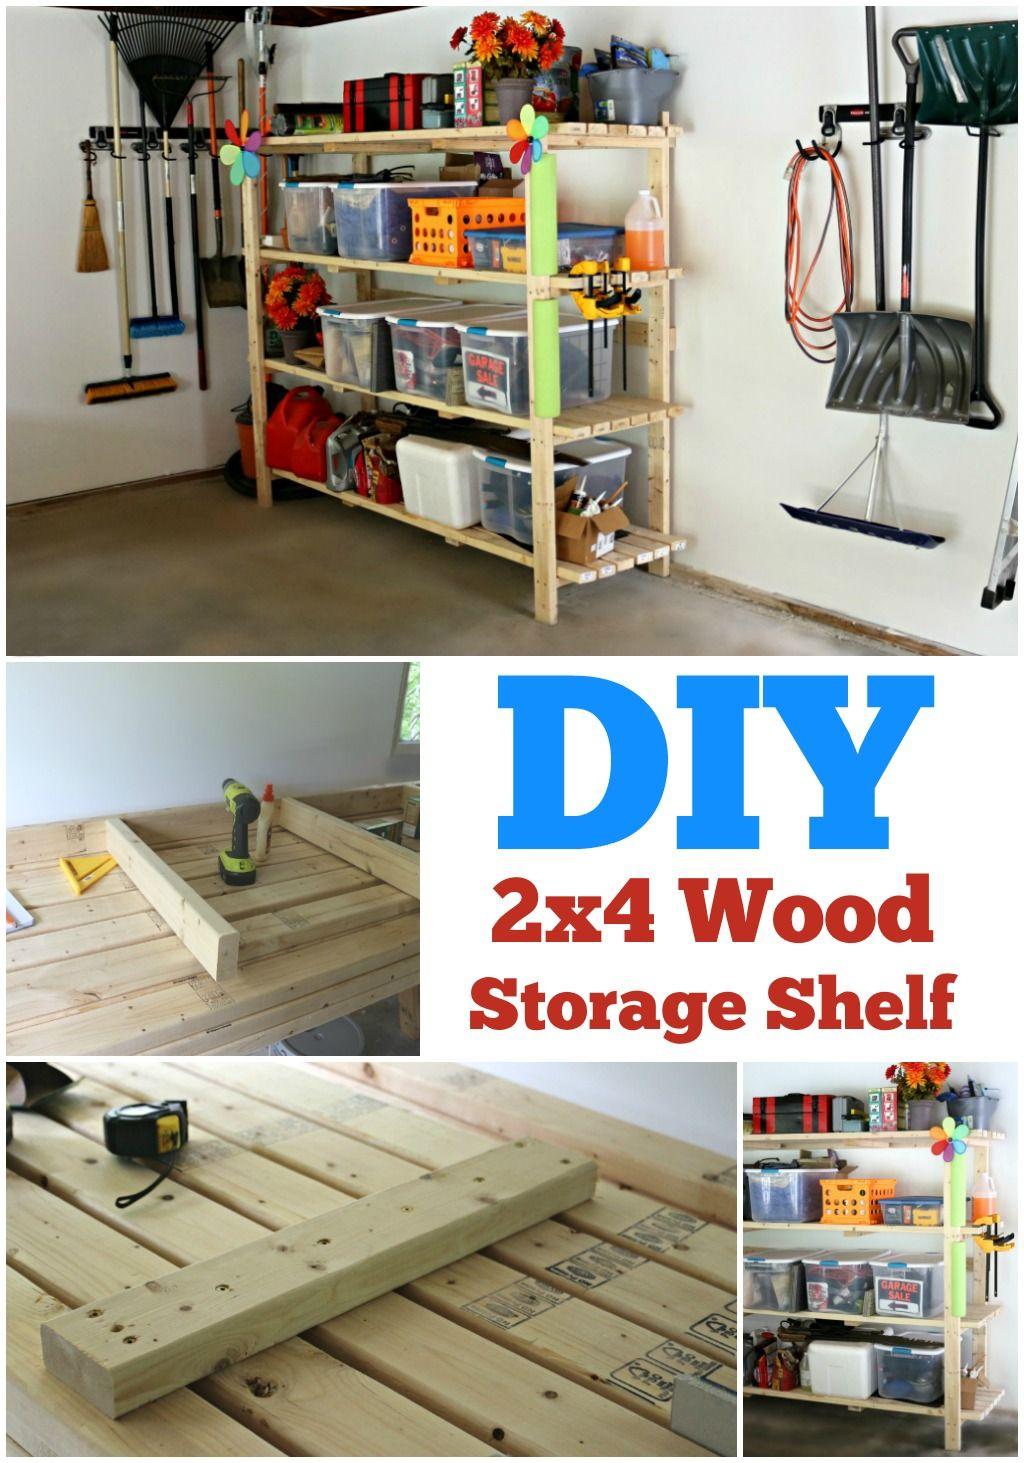 2x4 DIY Wood Storage Shelf! Step by step instructions to